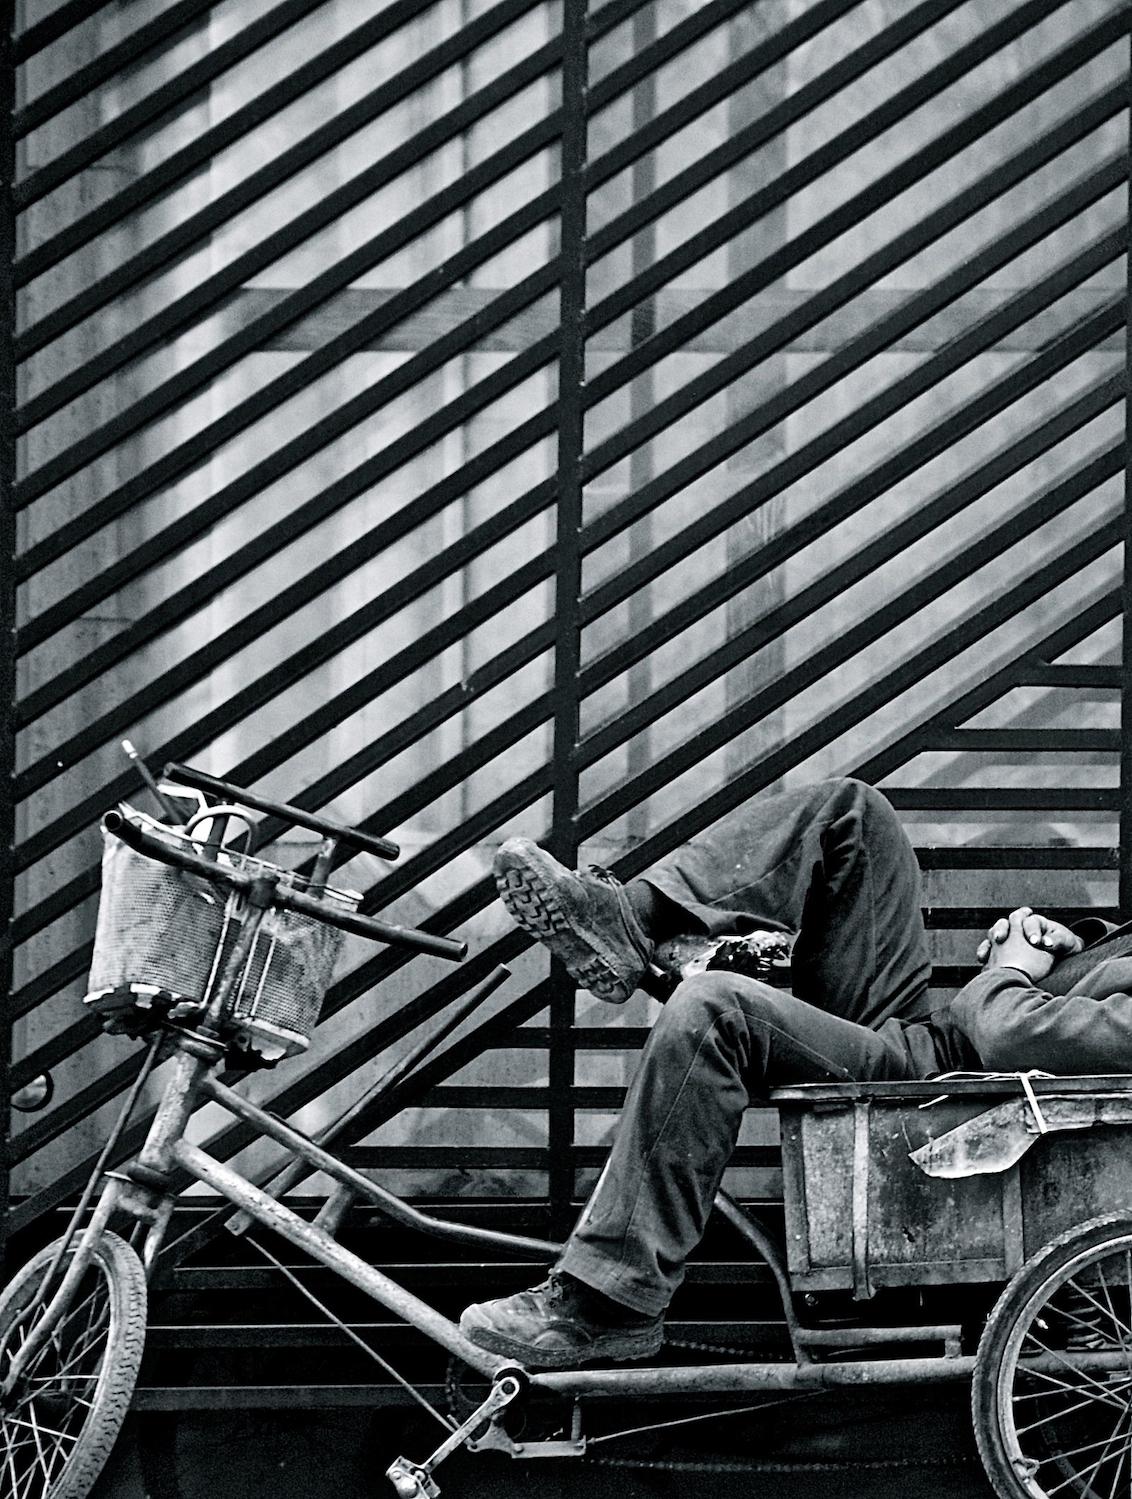 Beijing Bike - Peking, China - foto door MarijePictures op 09-11-2013 - deze foto bevat: fiets, people, bike, dutje, take a break